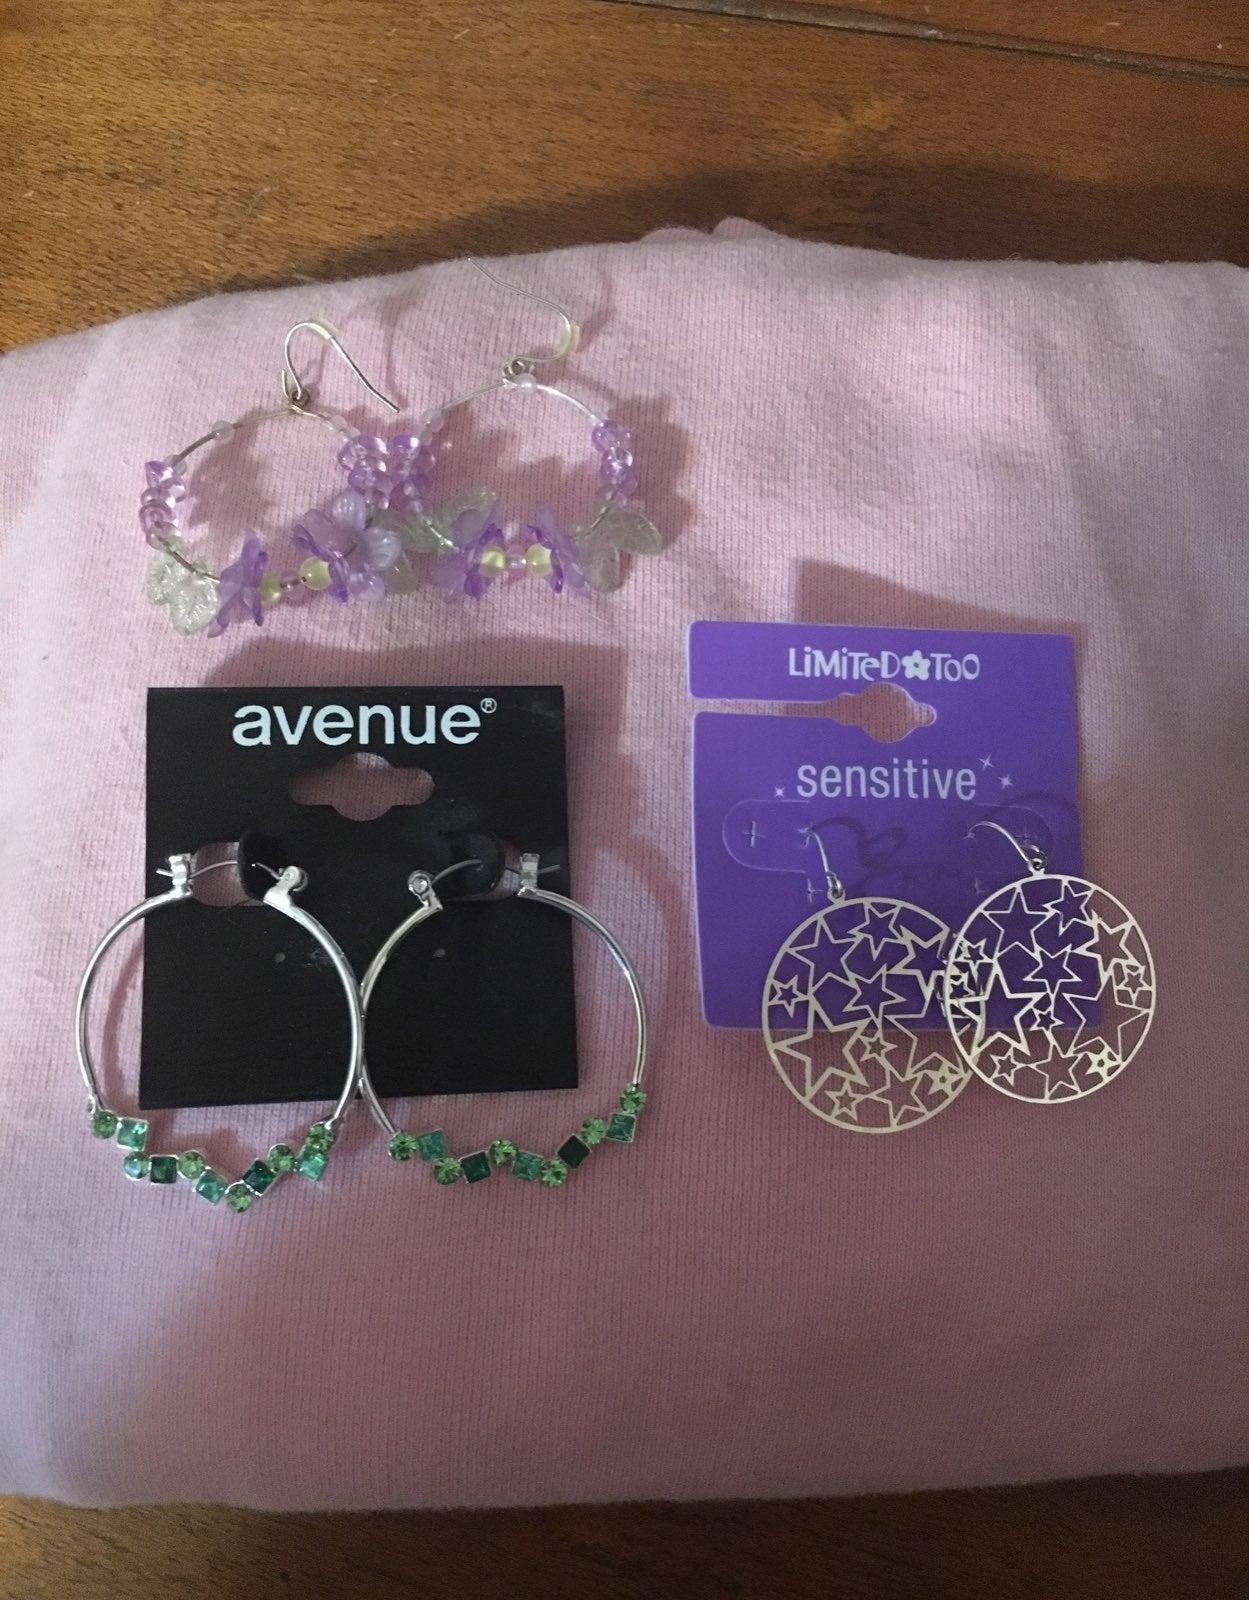 A bundle of pierced earrings